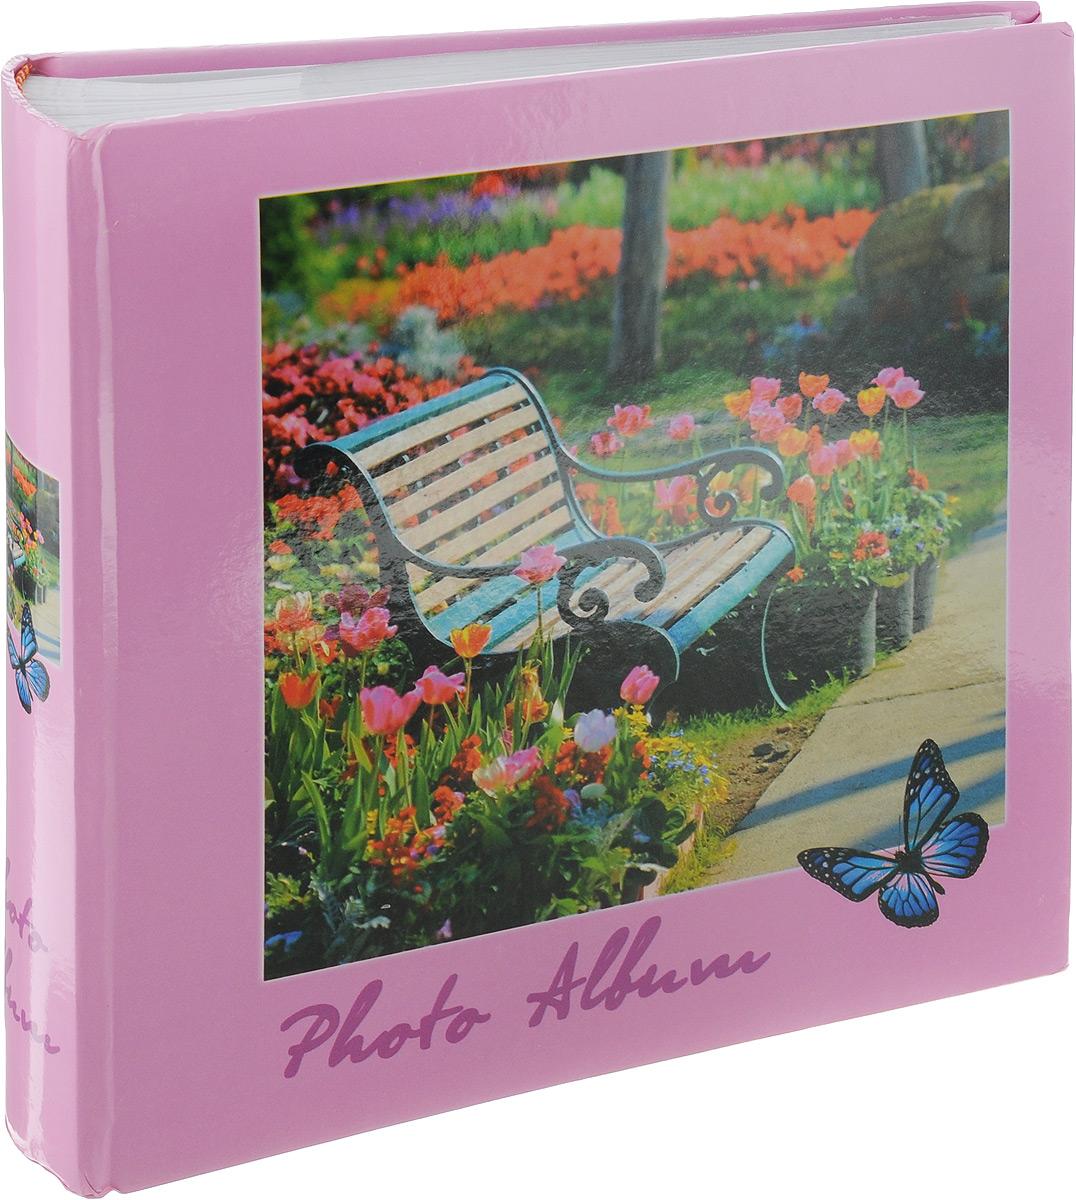 Фотоальбом Pioneer 4 Seasons, 200 фотографий, цвет: розовый, 10 x 15 см46198 AB46200Фотоальбом Pioneer 4 Seasons позволит вам запечатлеть незабываемые моменты вашей жизни, сохранить свои истории и воспоминания на его страницах. Обложка из толстого картона оформлена оригинальным принтом. Фотоальбом рассчитан на 200 фотографии форматом 10 x 15 см. На каждом развороте имеются поля для заполнения и два кармашка для фотографий. Такой необычный фотоальбом позволит легко заполнить страницы вашей истории, и с годами ничего не забудется.Тип обложки: Ламинированный картон.Тип листов: бумажные.Тип переплета: книжный.Кол-во фотографий: 200.Материалы, использованные в изготовлении альбома, обеспечивают высокое качество хранения ваших фотографий, поэтому фотографии не желтеют со временем.